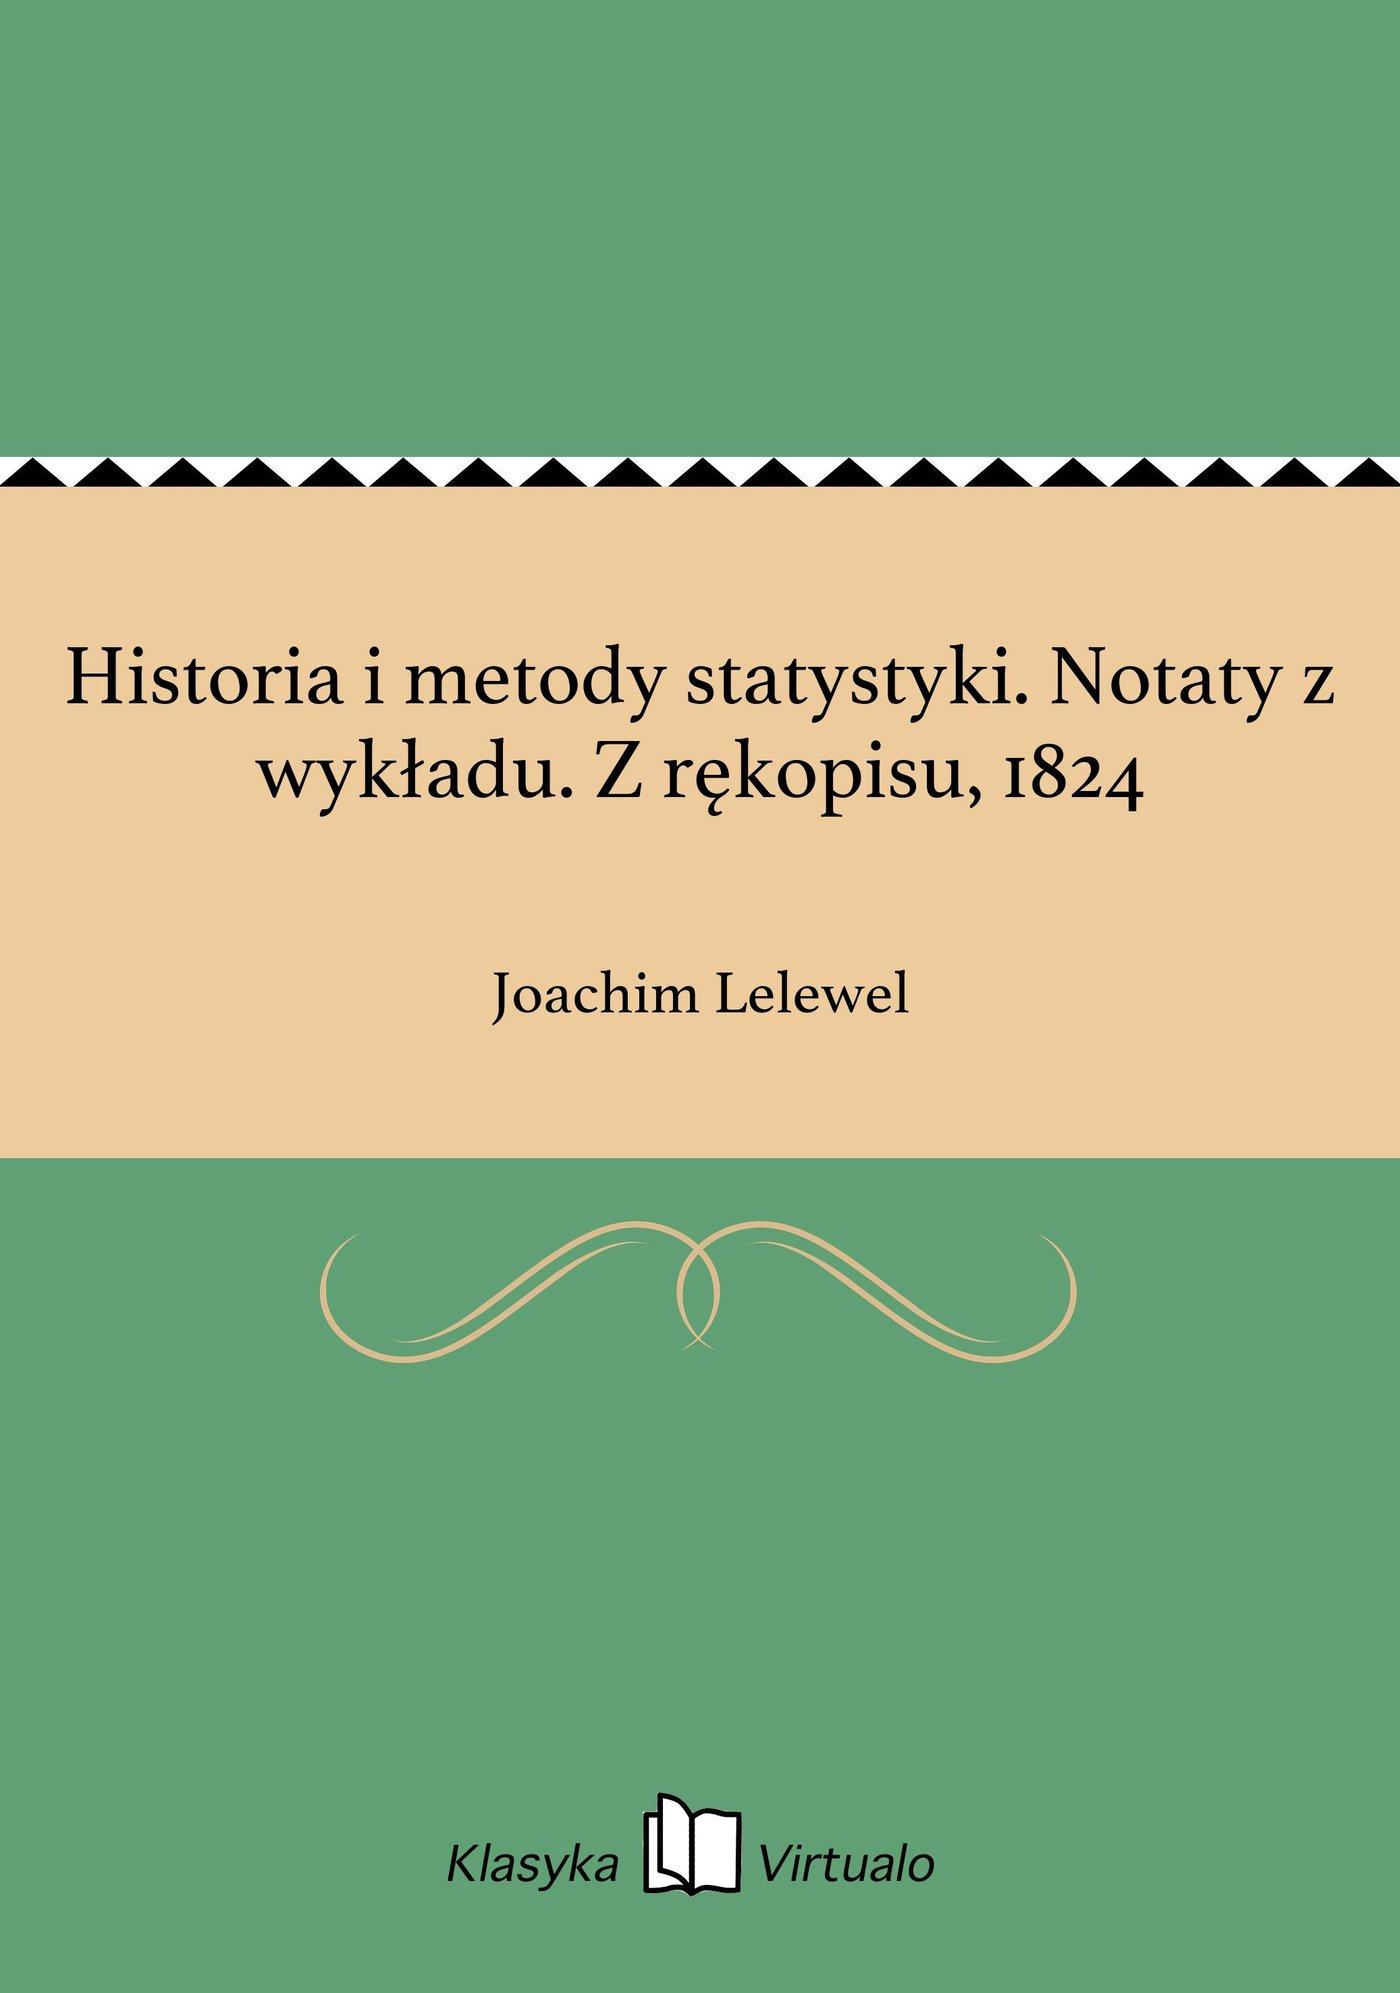 Historia i metody statystyki. Notaty z wykładu. Z rękopisu, 1824 - Ebook (Książka EPUB) do pobrania w formacie EPUB